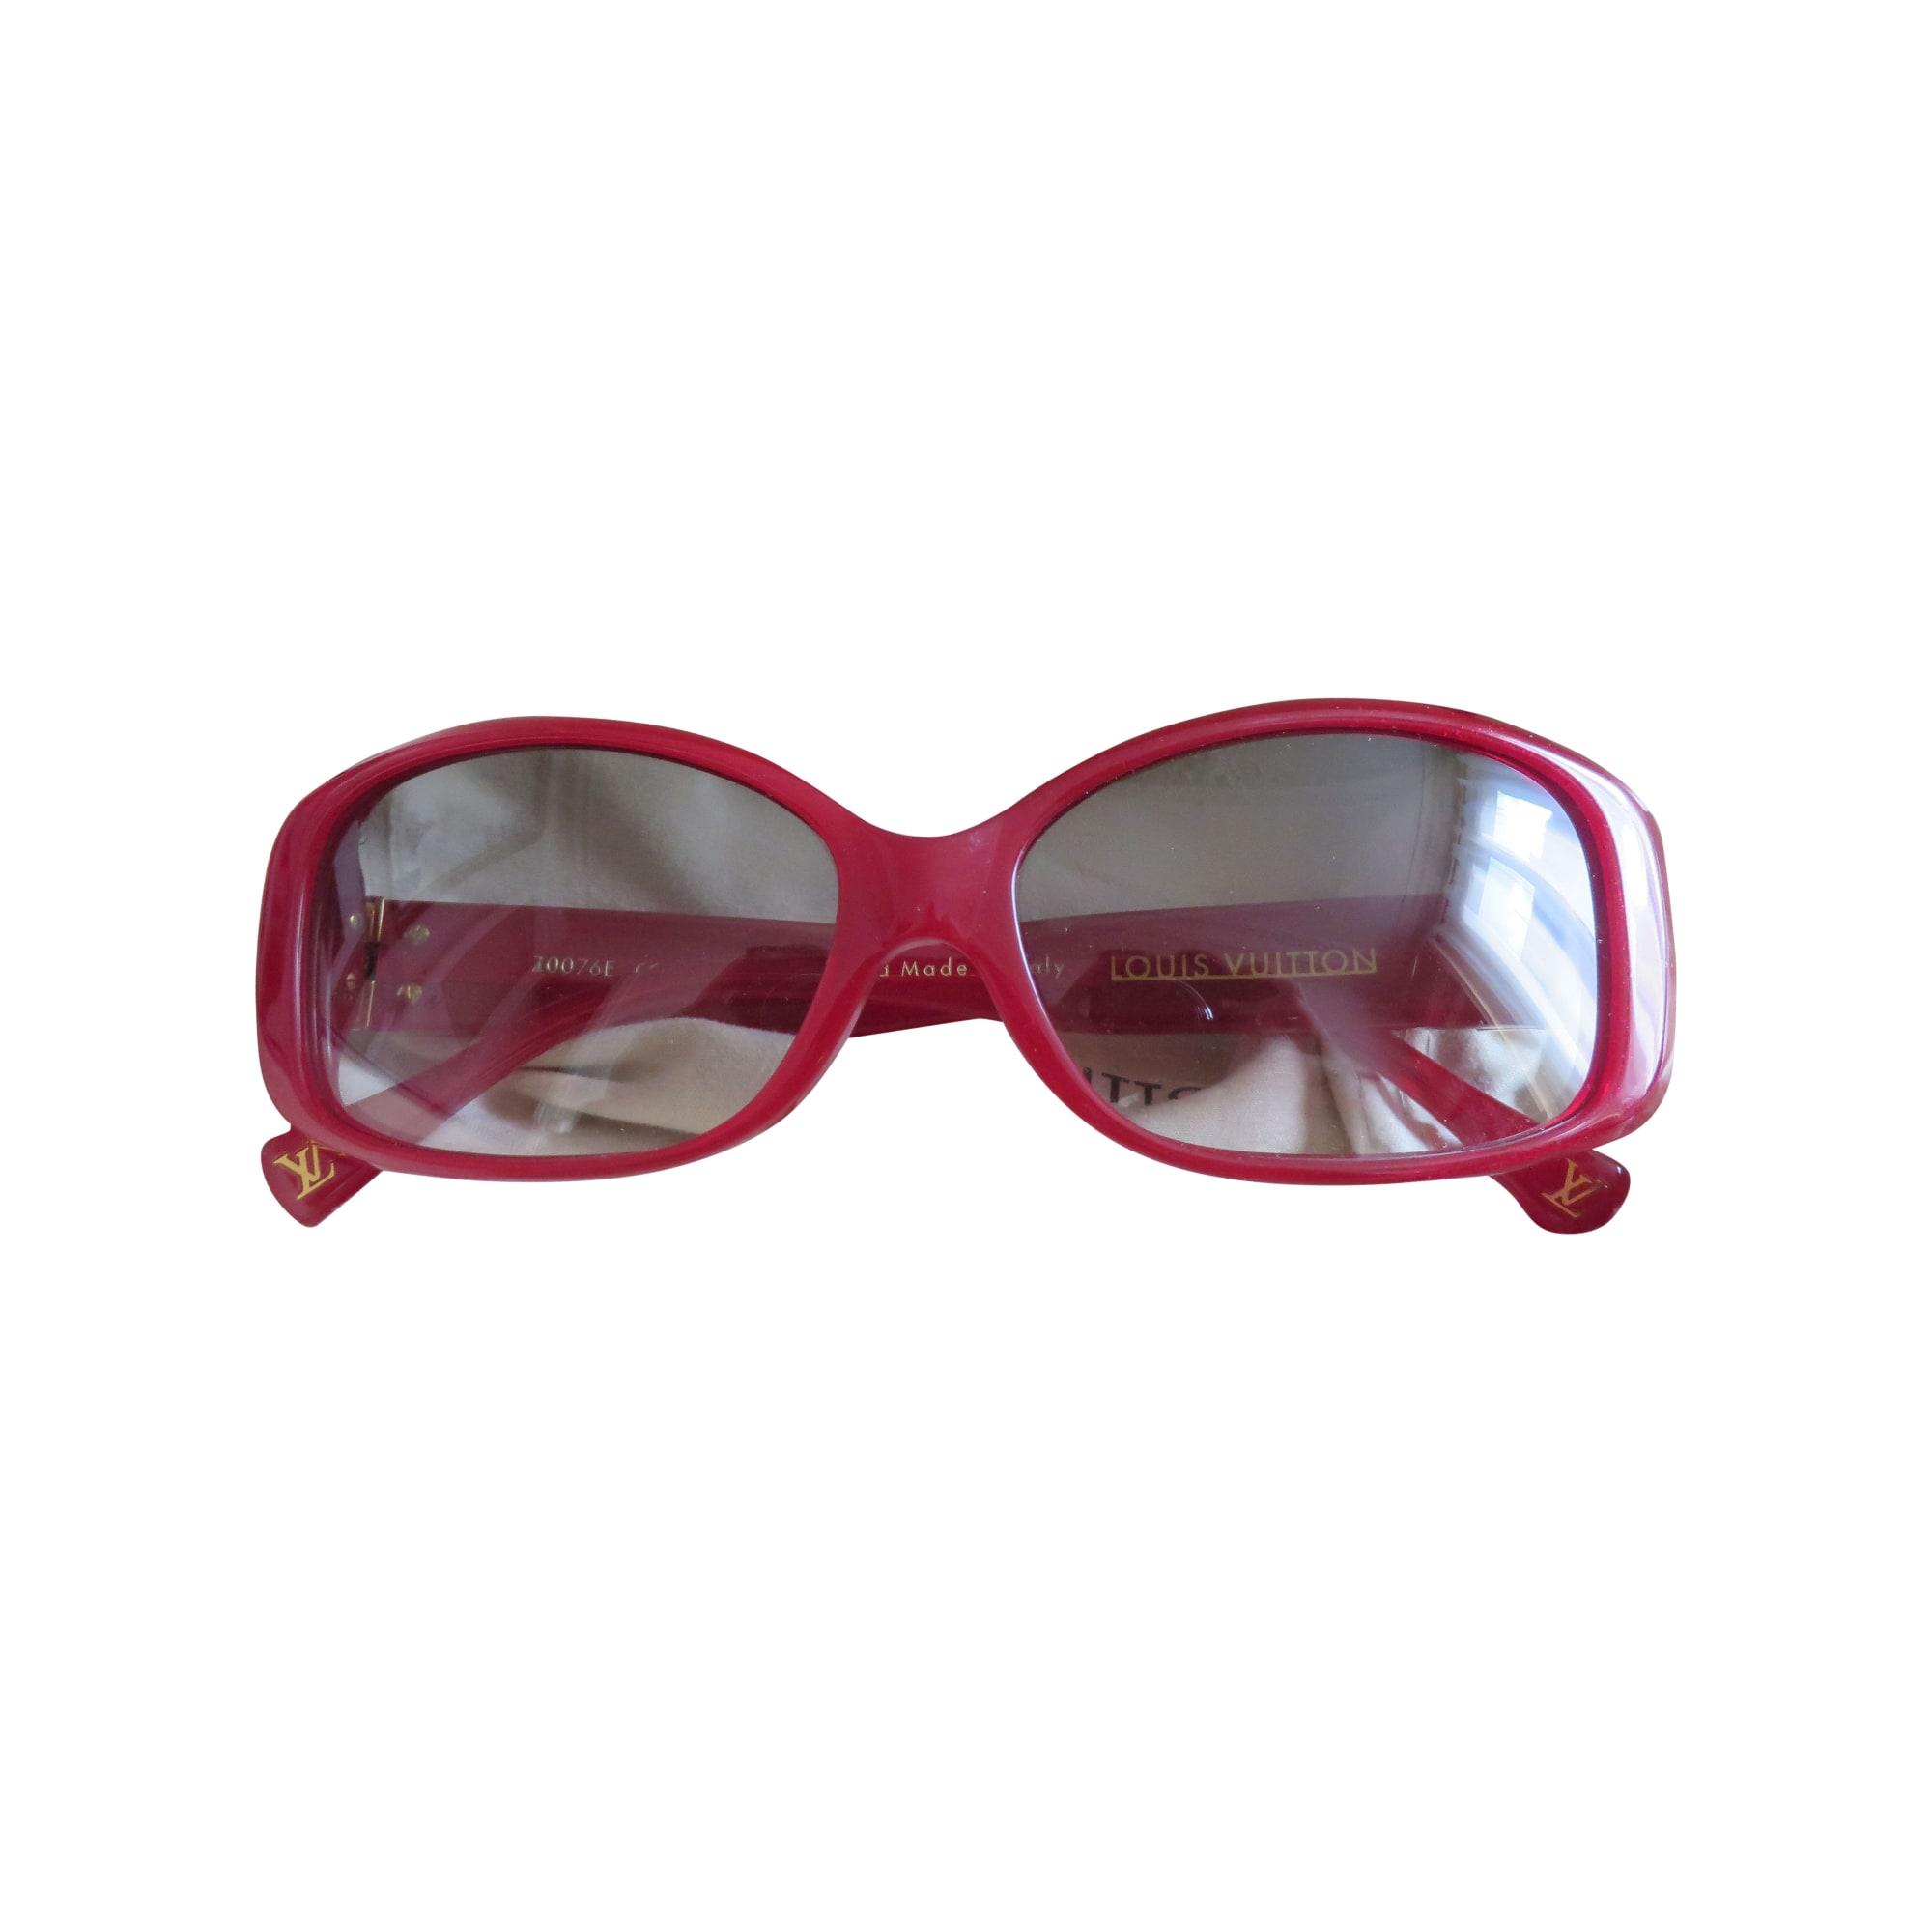 b726fe625387 Lunettes de soleil LOUIS VUITTON rouge vendu par Sophie516759 - 2141045